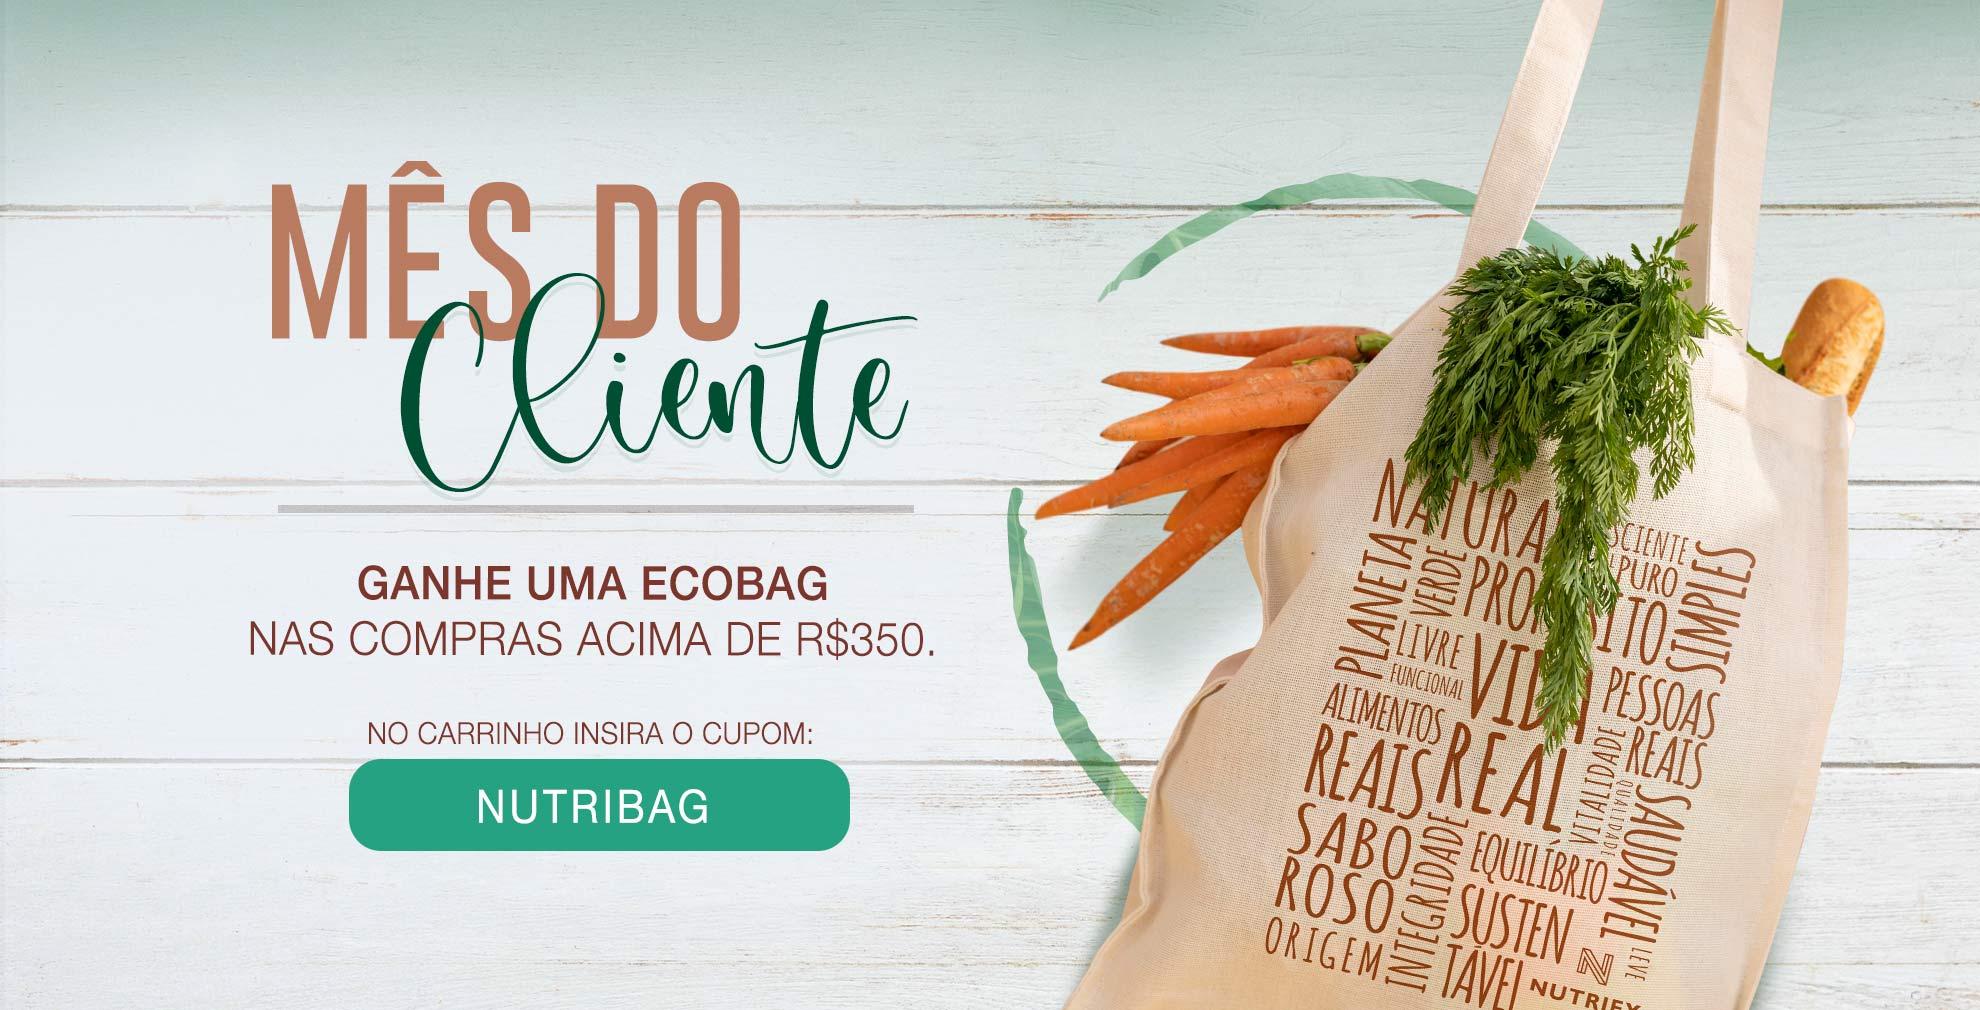 Nas compras acima de R$ 350,00 ganhe uma ecobag - Setembro